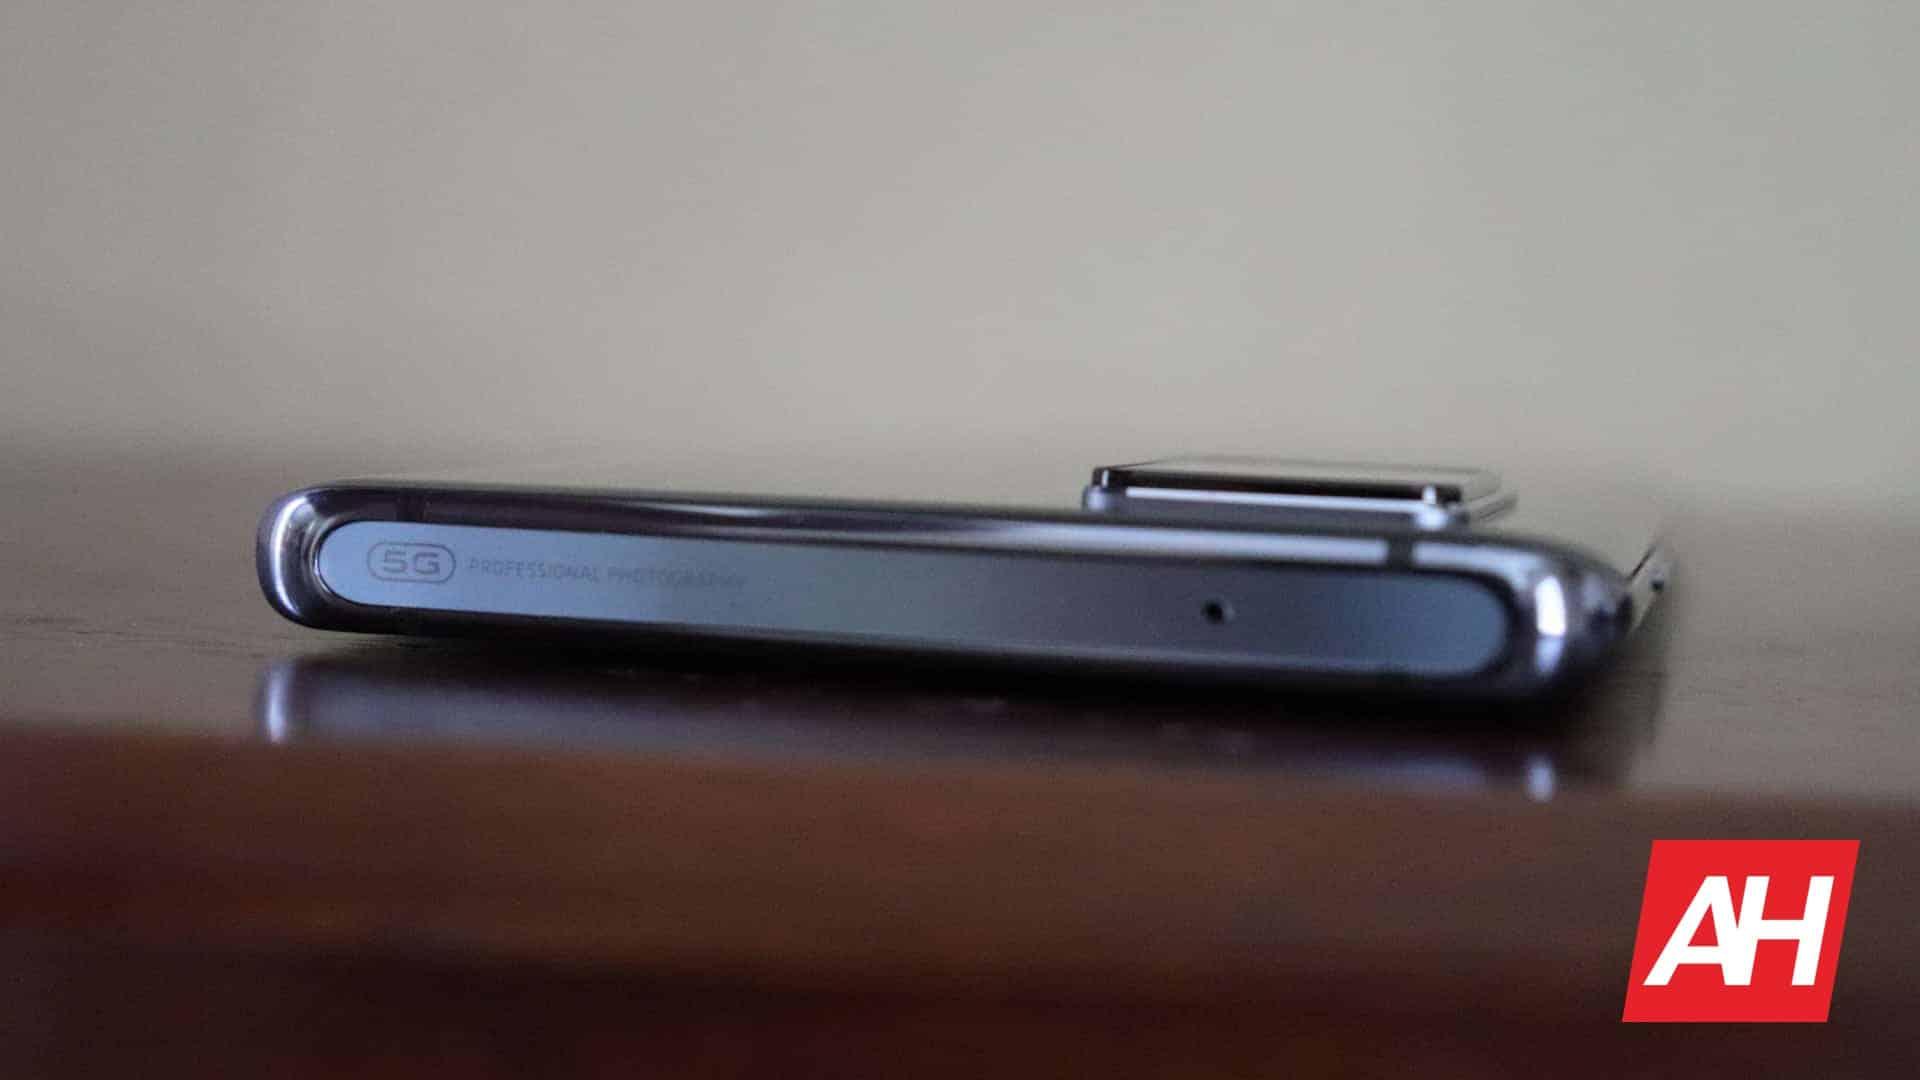 01 6 Vivo X50 Pro Review AH 2020